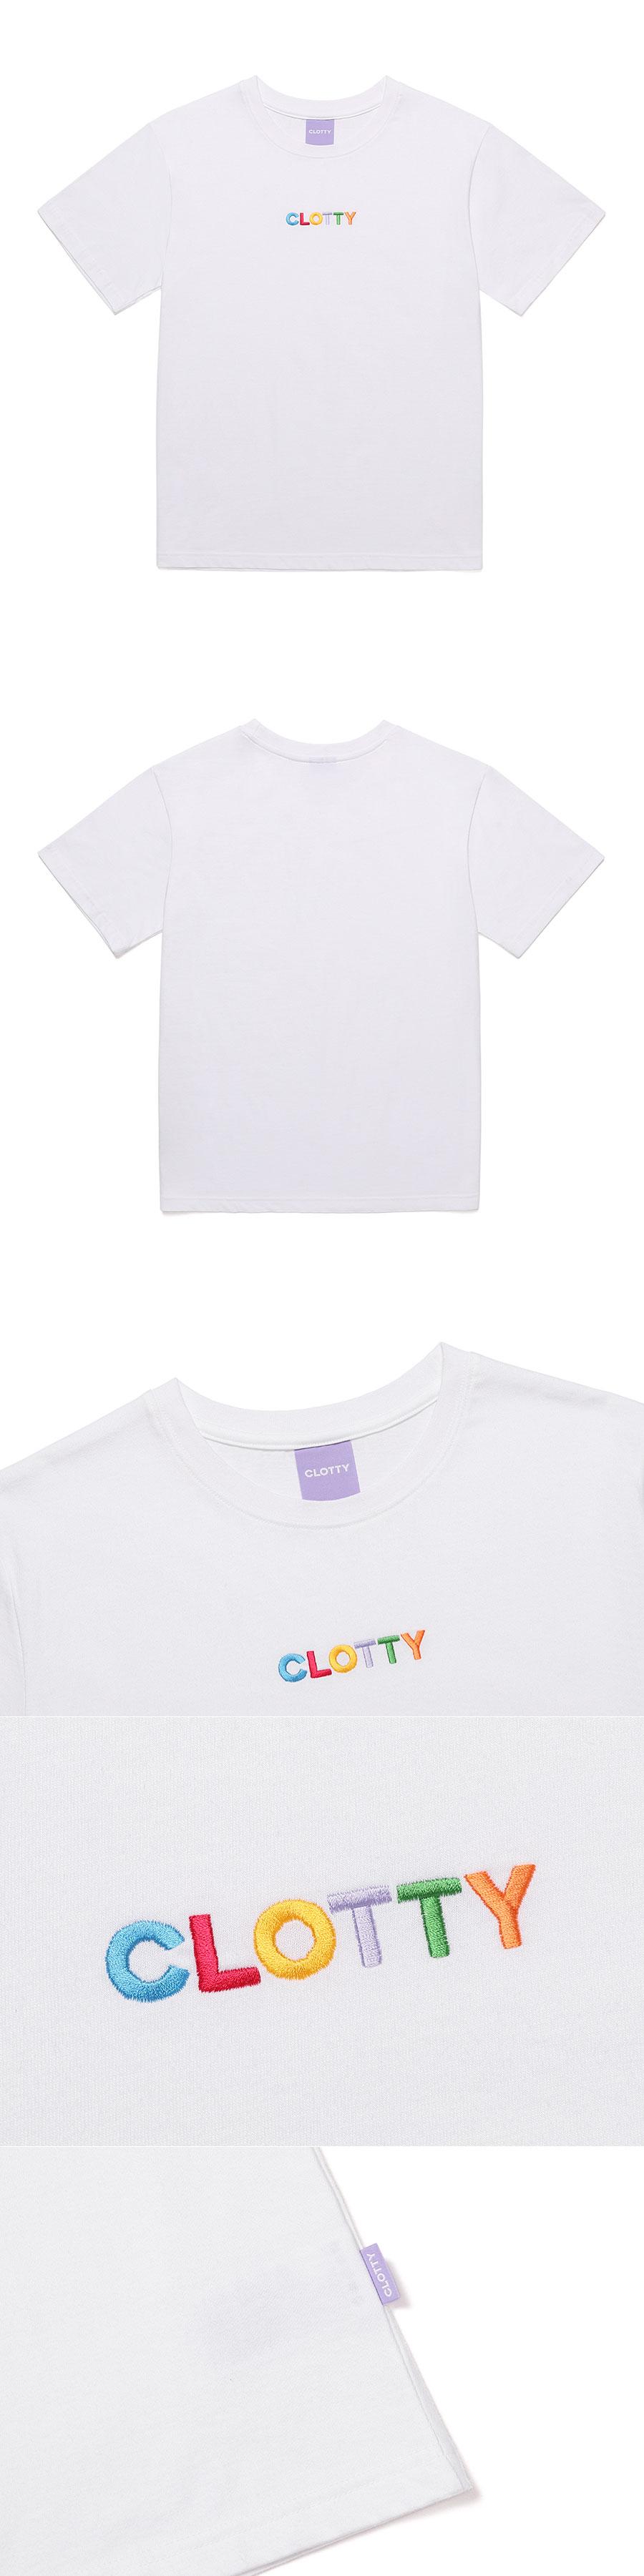 클로티(CLOTTY) RAINBOW LOGO T-SHIRT WHITE(CY2AMFT511A)